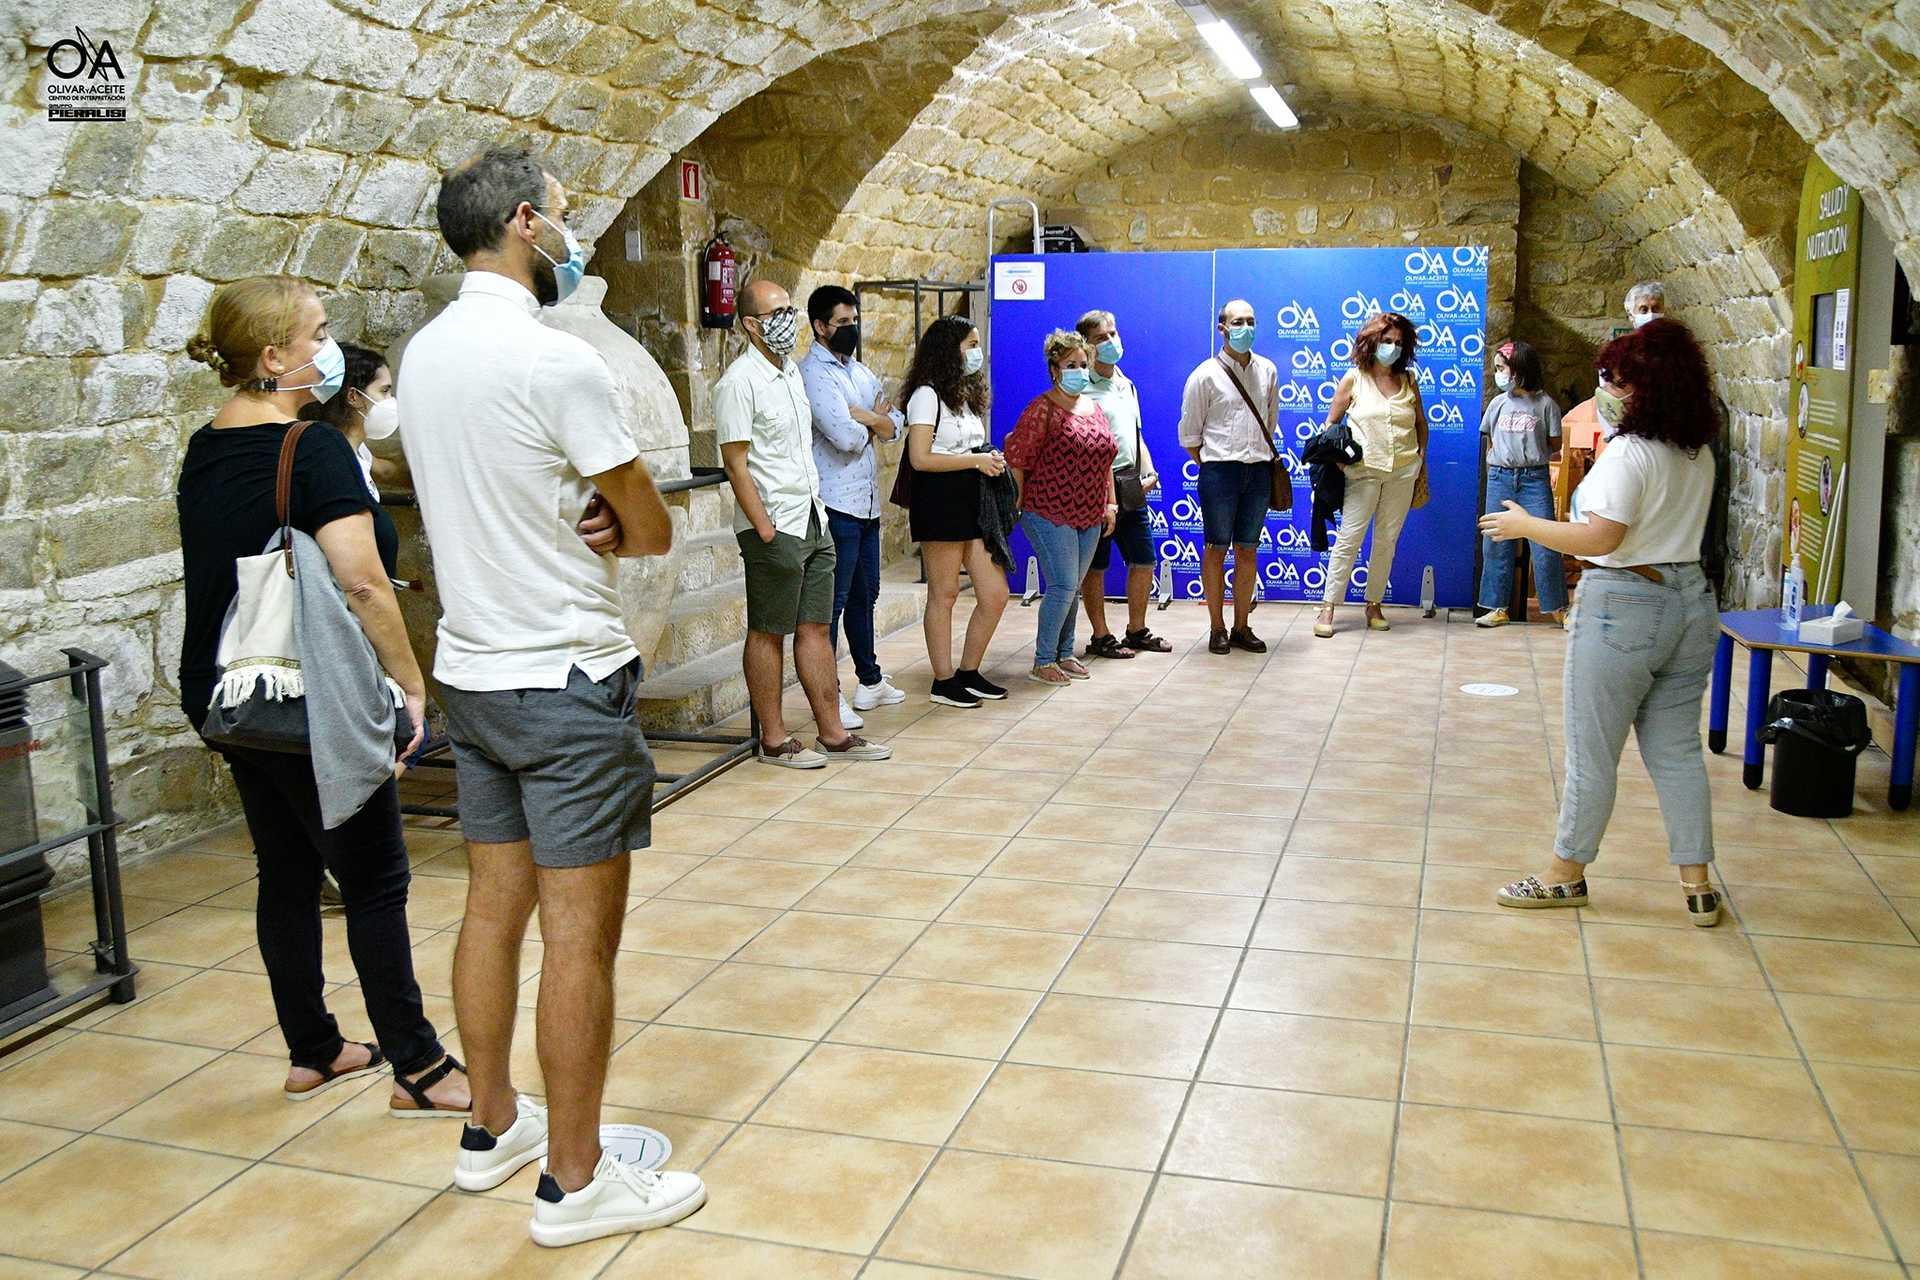 EXPERIENCIA AOVE: Visita guiada al Centro de Interpretación Olivar y Aceite con Taller de Cata de Aceites y Maridaje. 1 PLAZA.